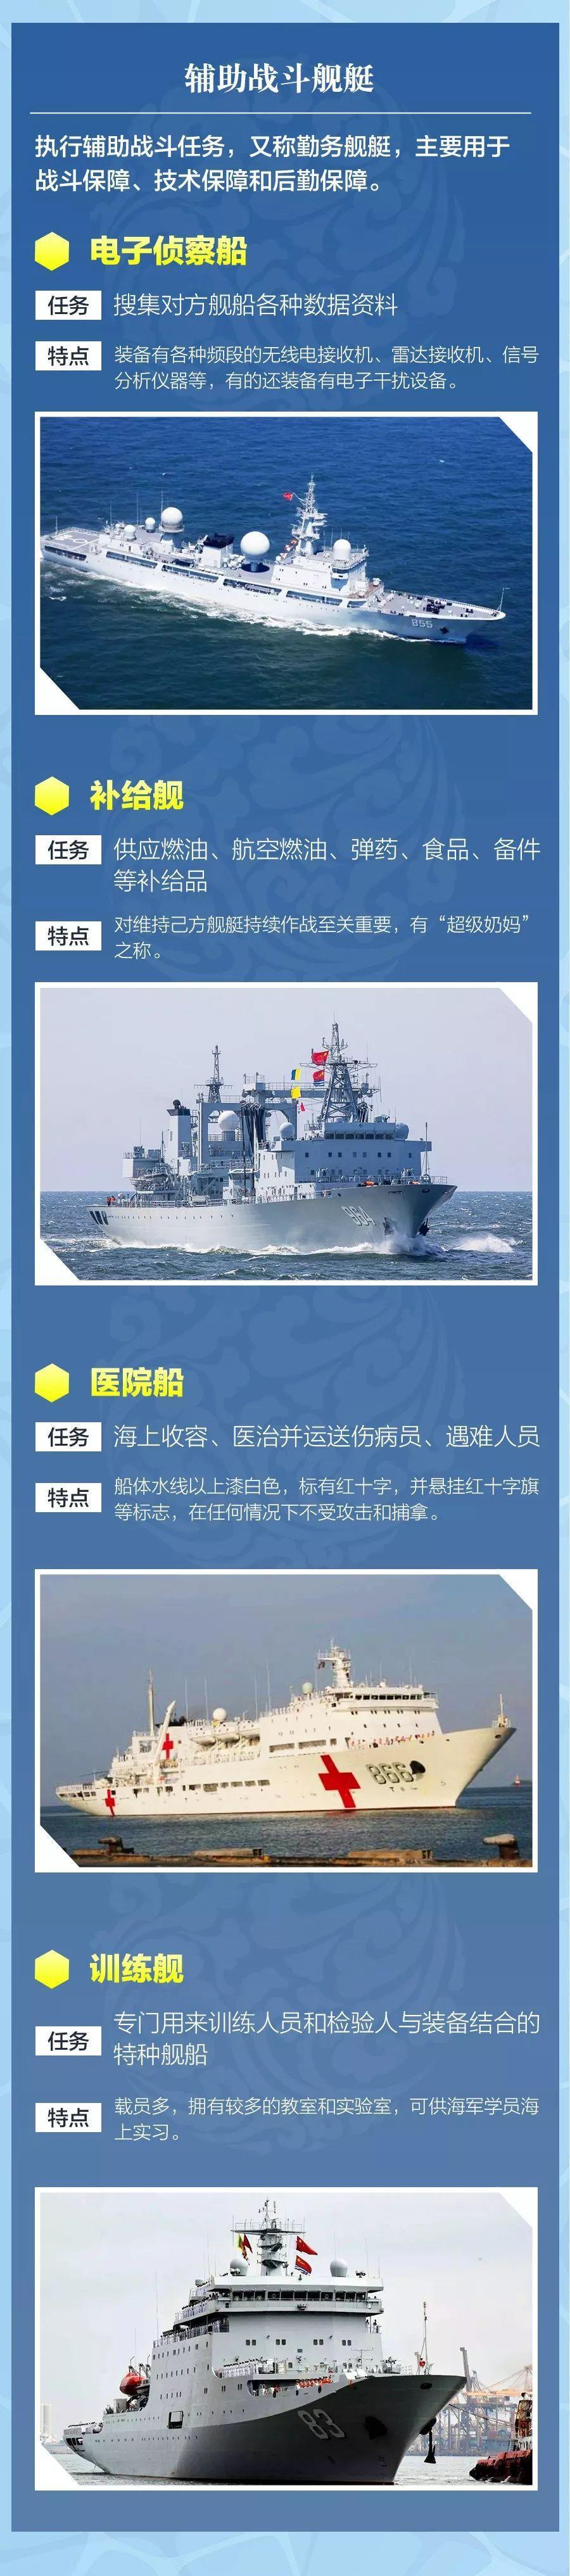 从下水到入列 万吨级的南昌舰需要完成哪些试验?